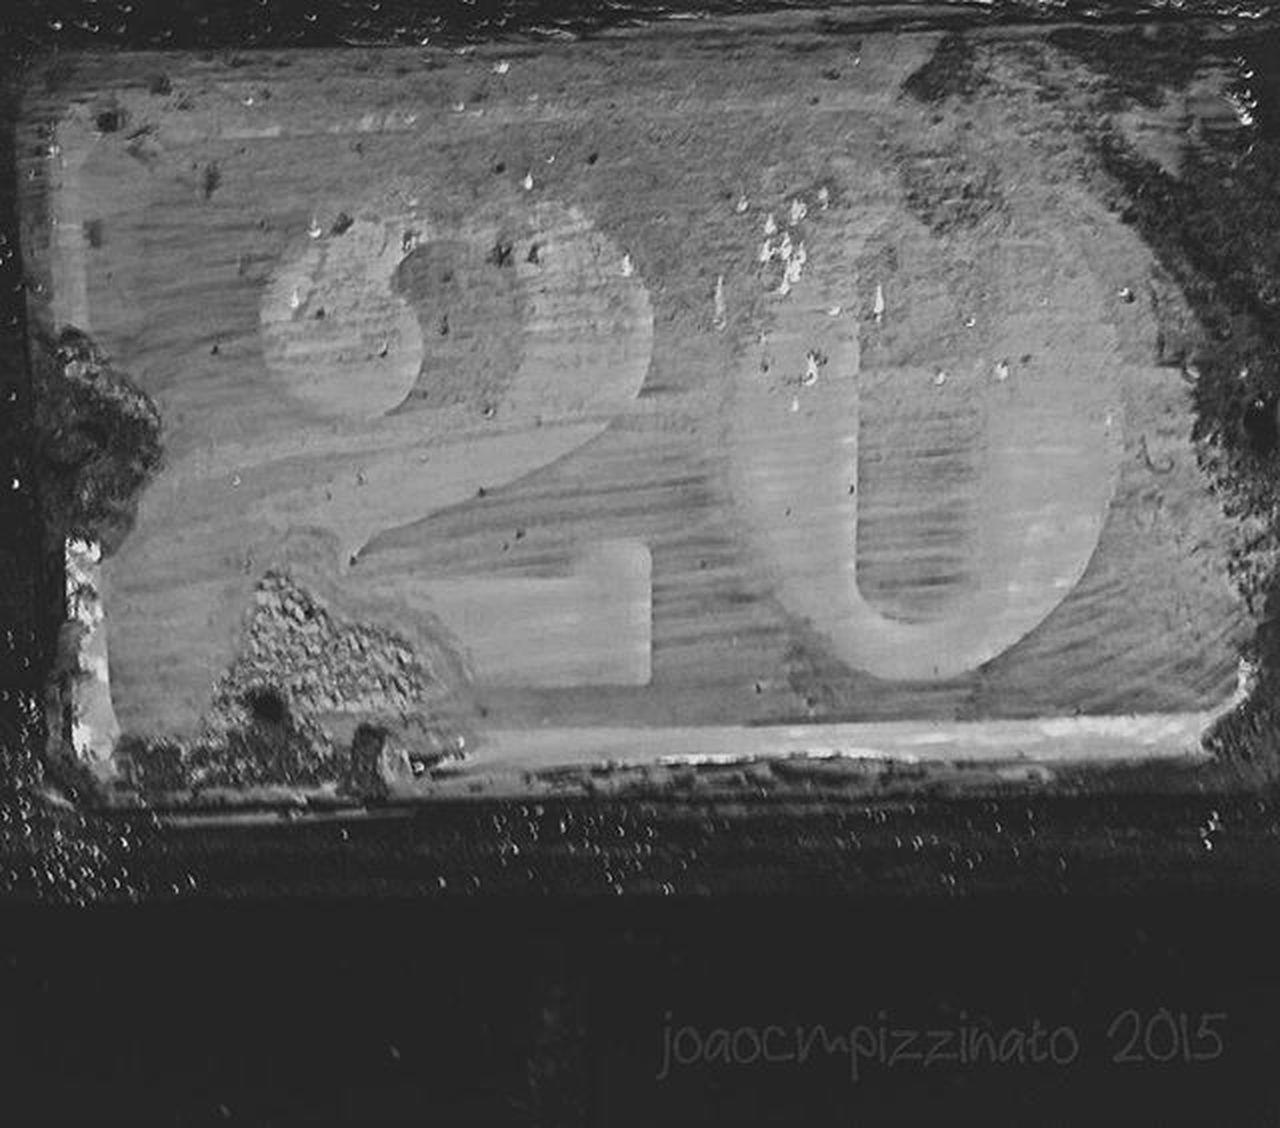 N°20. Tv_typography Streetphoto_brasil Jj_urbex Flaming_rust Foto_blackwhite Ig_contrast_bnw Amateurs_bnw Bnwmood Bnw_kings Bnw_planet Bnw_captures Top_bnw Bnw_lombardia Instapicten Top_bnw_photo Bnw_life_shots Urbexbrasil Urbexsp